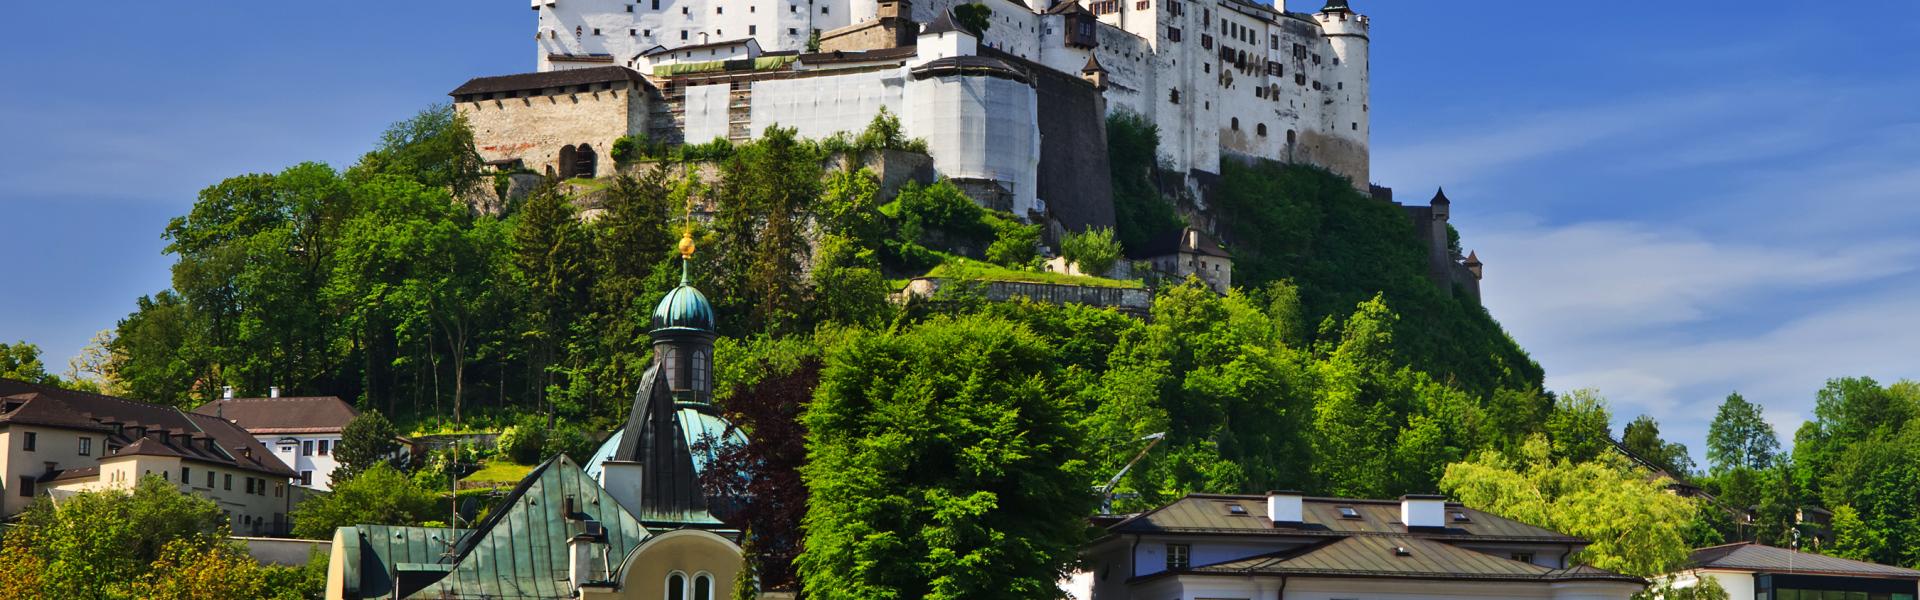 Flug Köln Salzburg